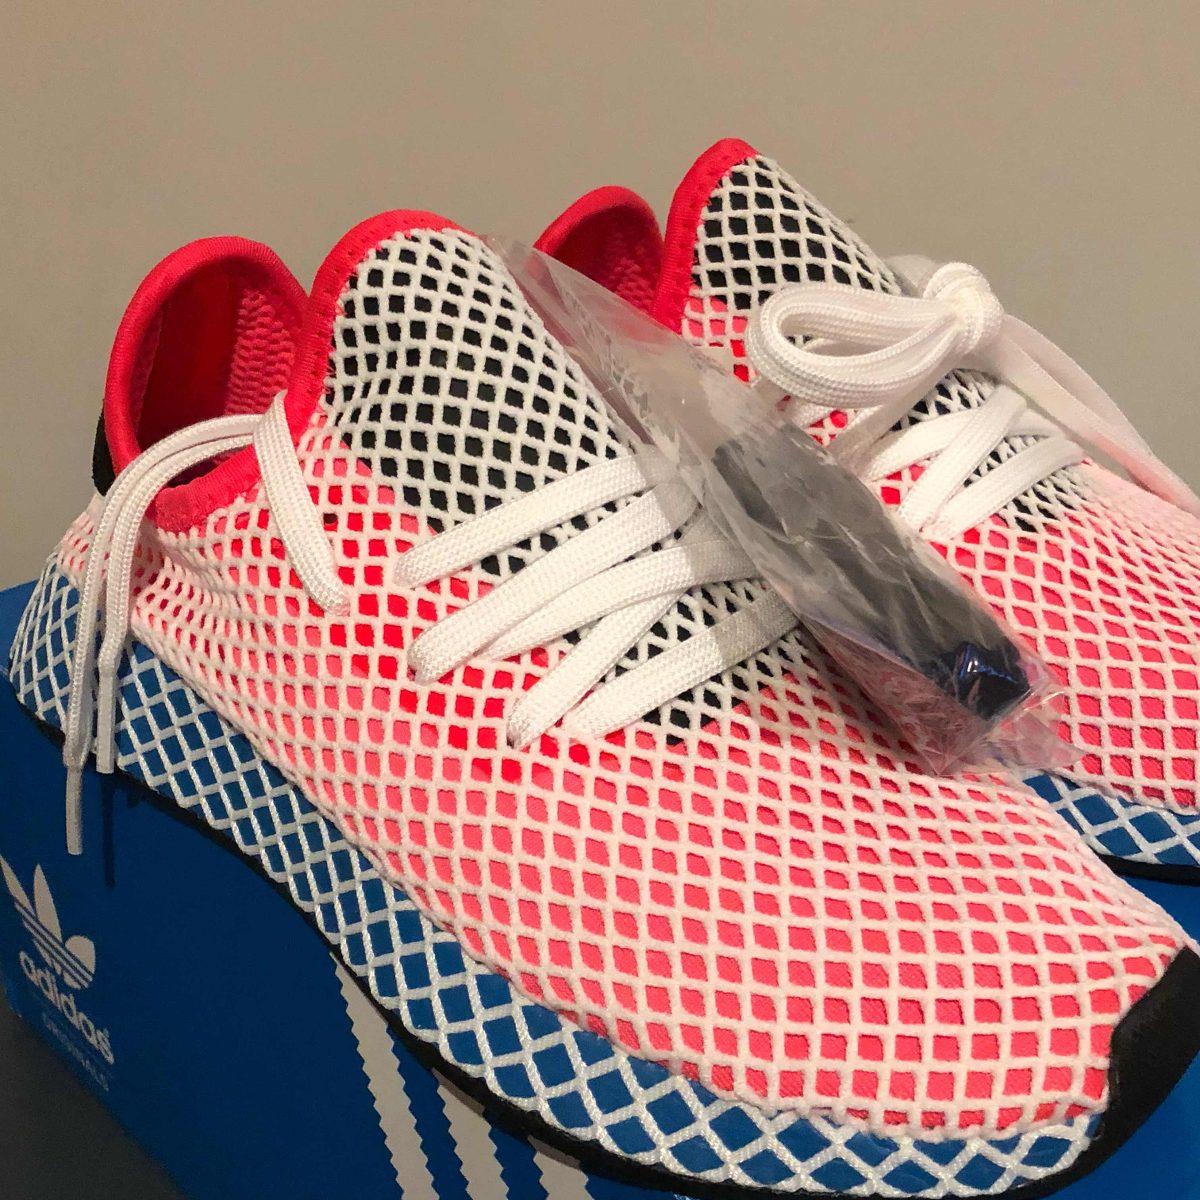 lowest price 792ce 0424d zapatillas adidas originals deerupt talle 38 mujer. Cargando zoom.